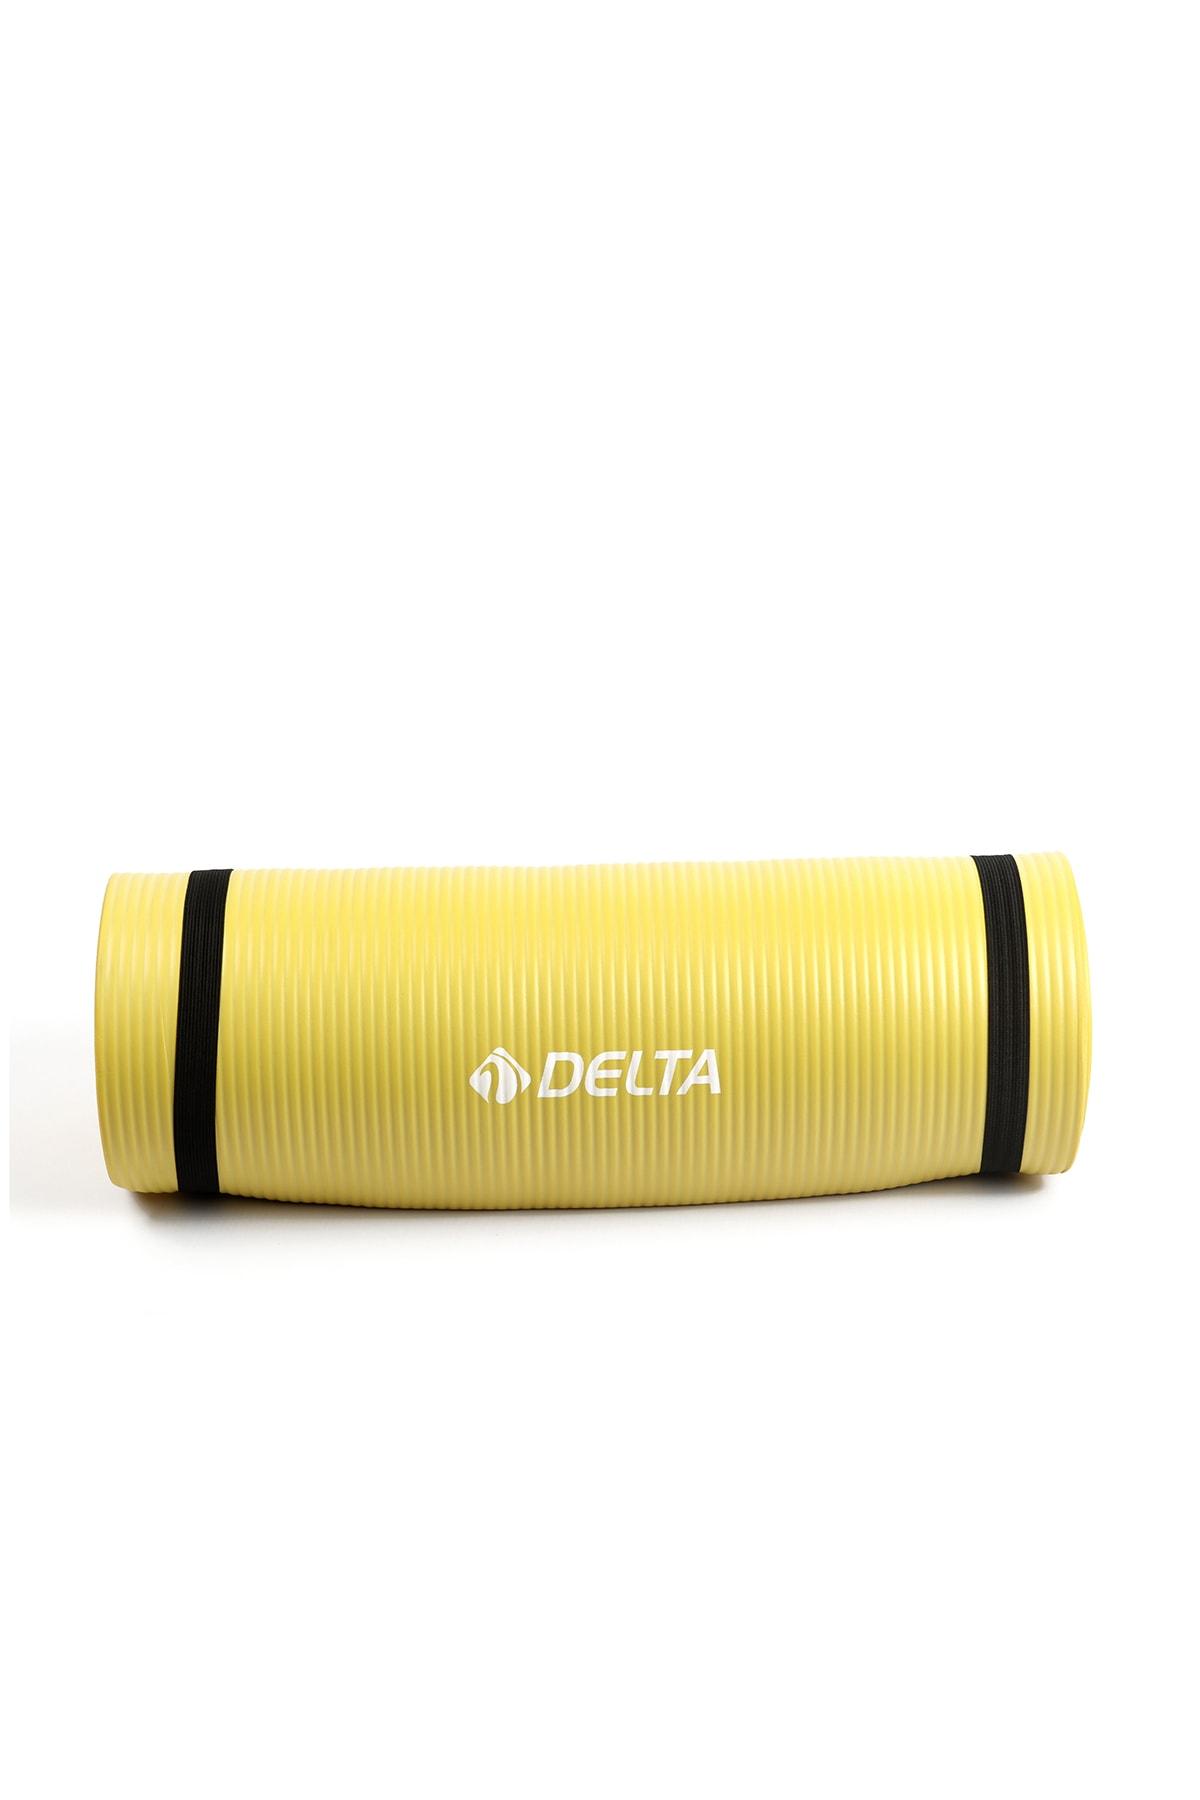 Delta Konfor Zemin 15 Mm Taşıma Askılı Pilates Minderi Yoga Matı